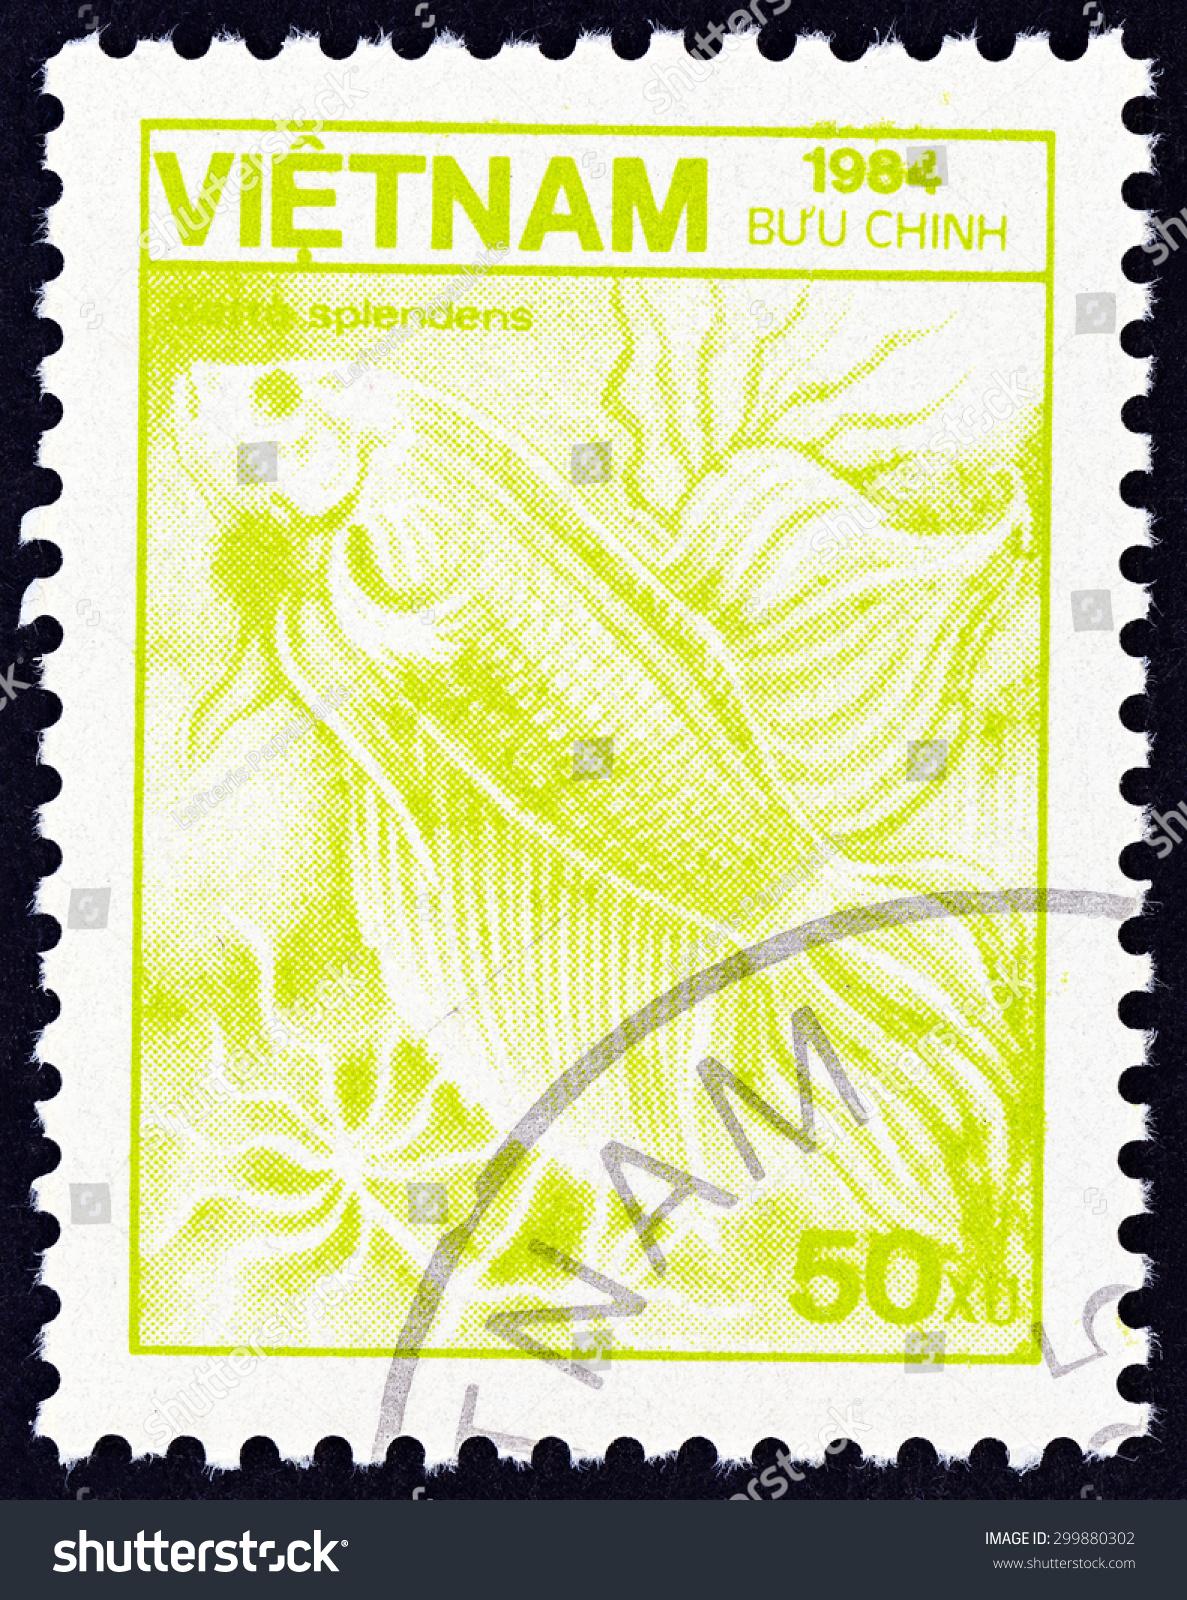 vietnam circa 1984 st printed vietnam stock photo edit now Betta Fish and Plant Ecosystem vietnam circa 1984 a st printed in vietnam from the plants and animals